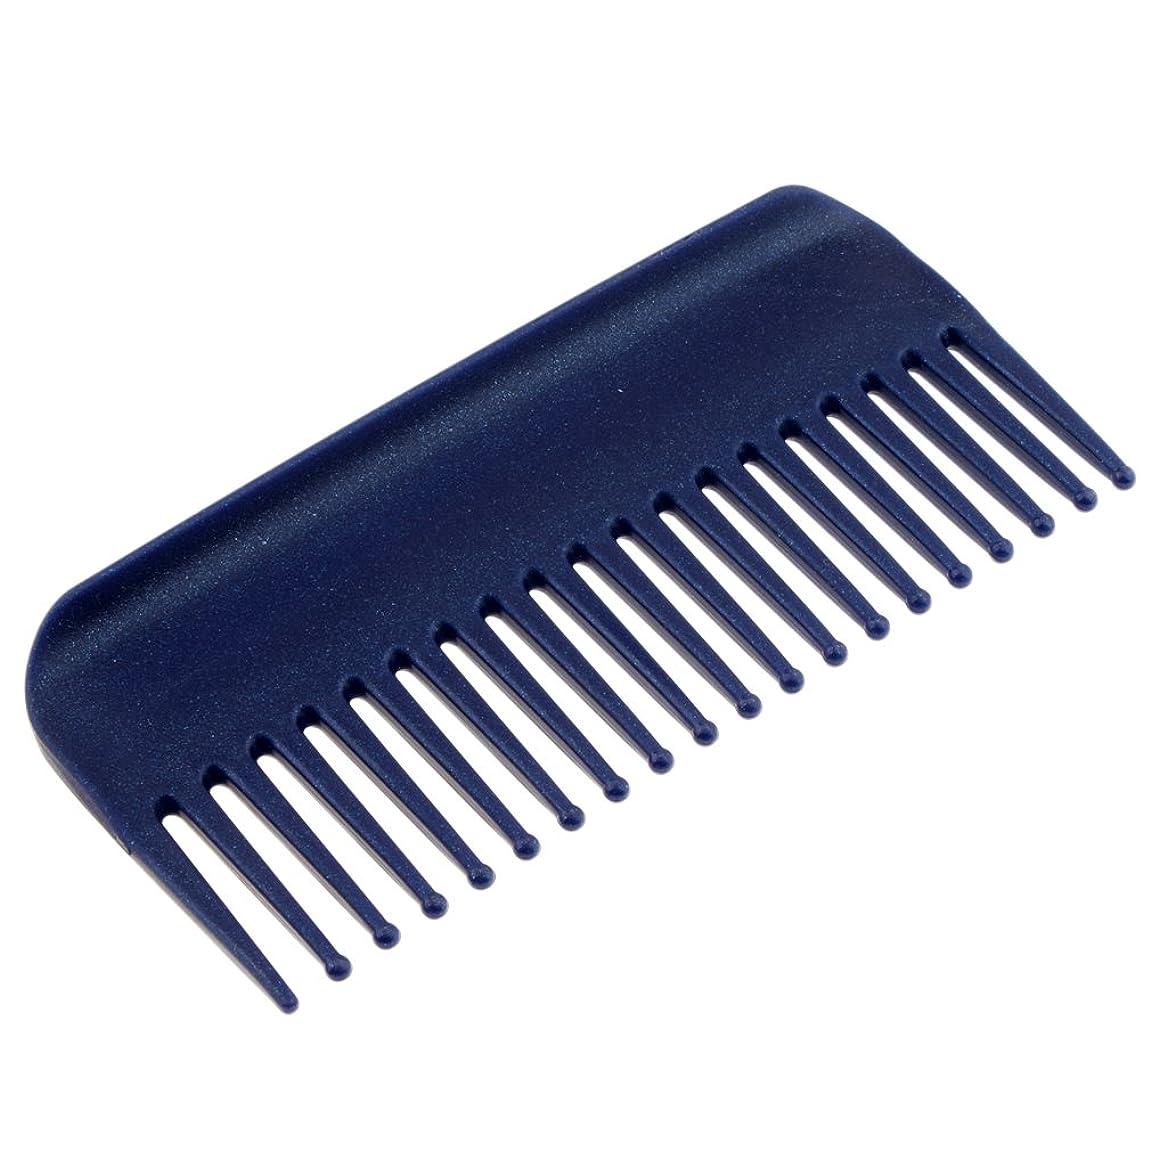 フェローシップ干渉する疑わしいHomyl ヘアコーム ヘアブラシ コーム 櫛 くし 頭皮 マッサージ 耐熱性 帯電防止 便利 サロン 自宅用 4色選べる - 青